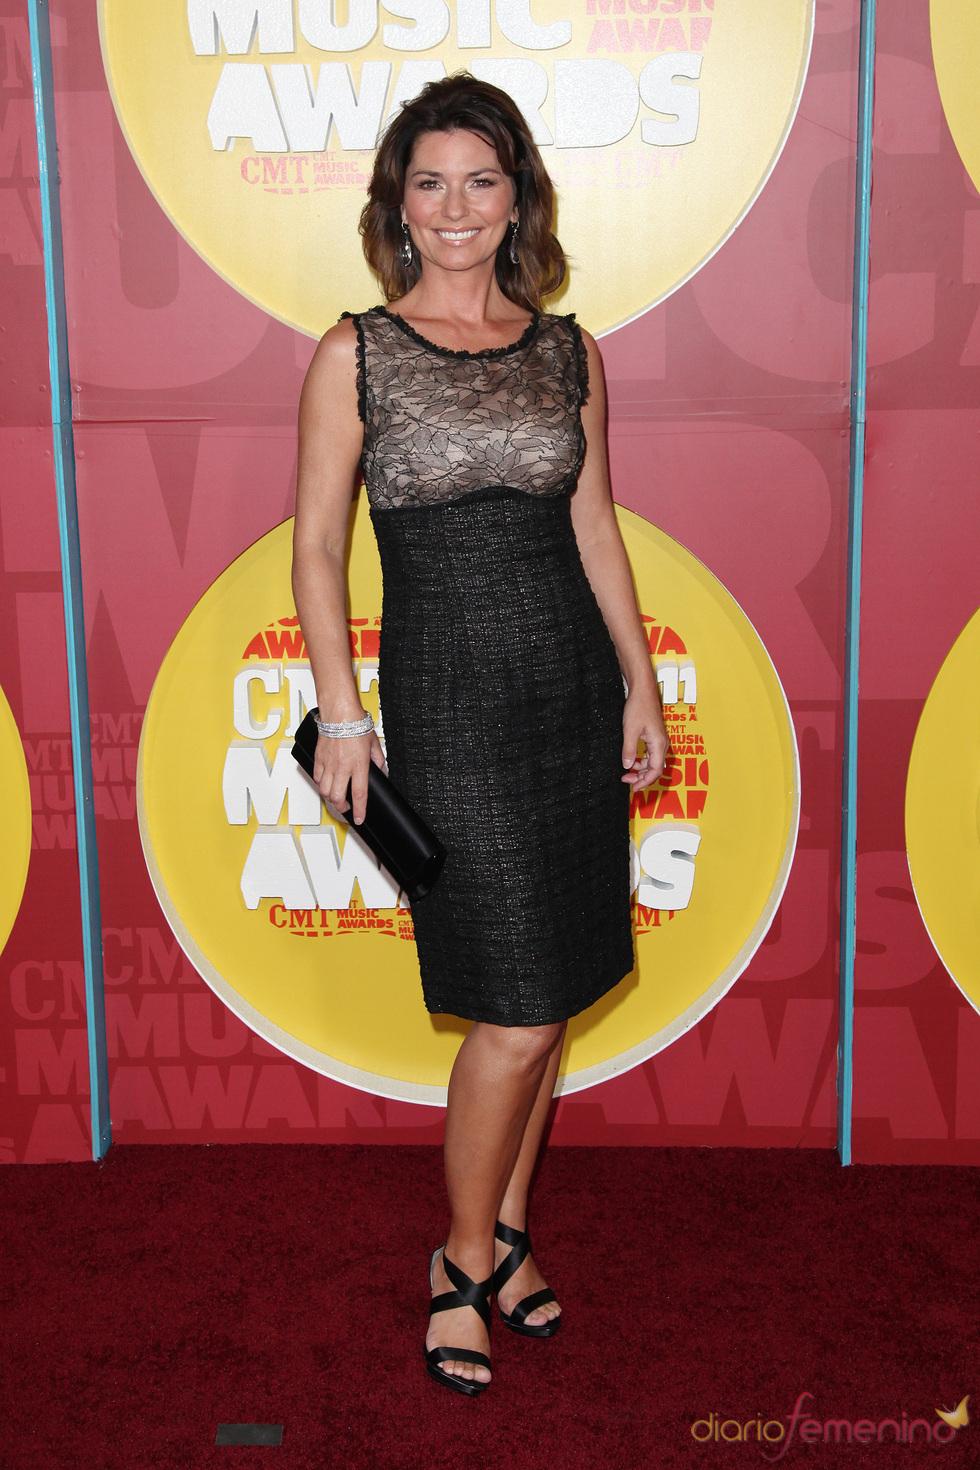 Shania Twain en los Premios CMT de Música Country 2011